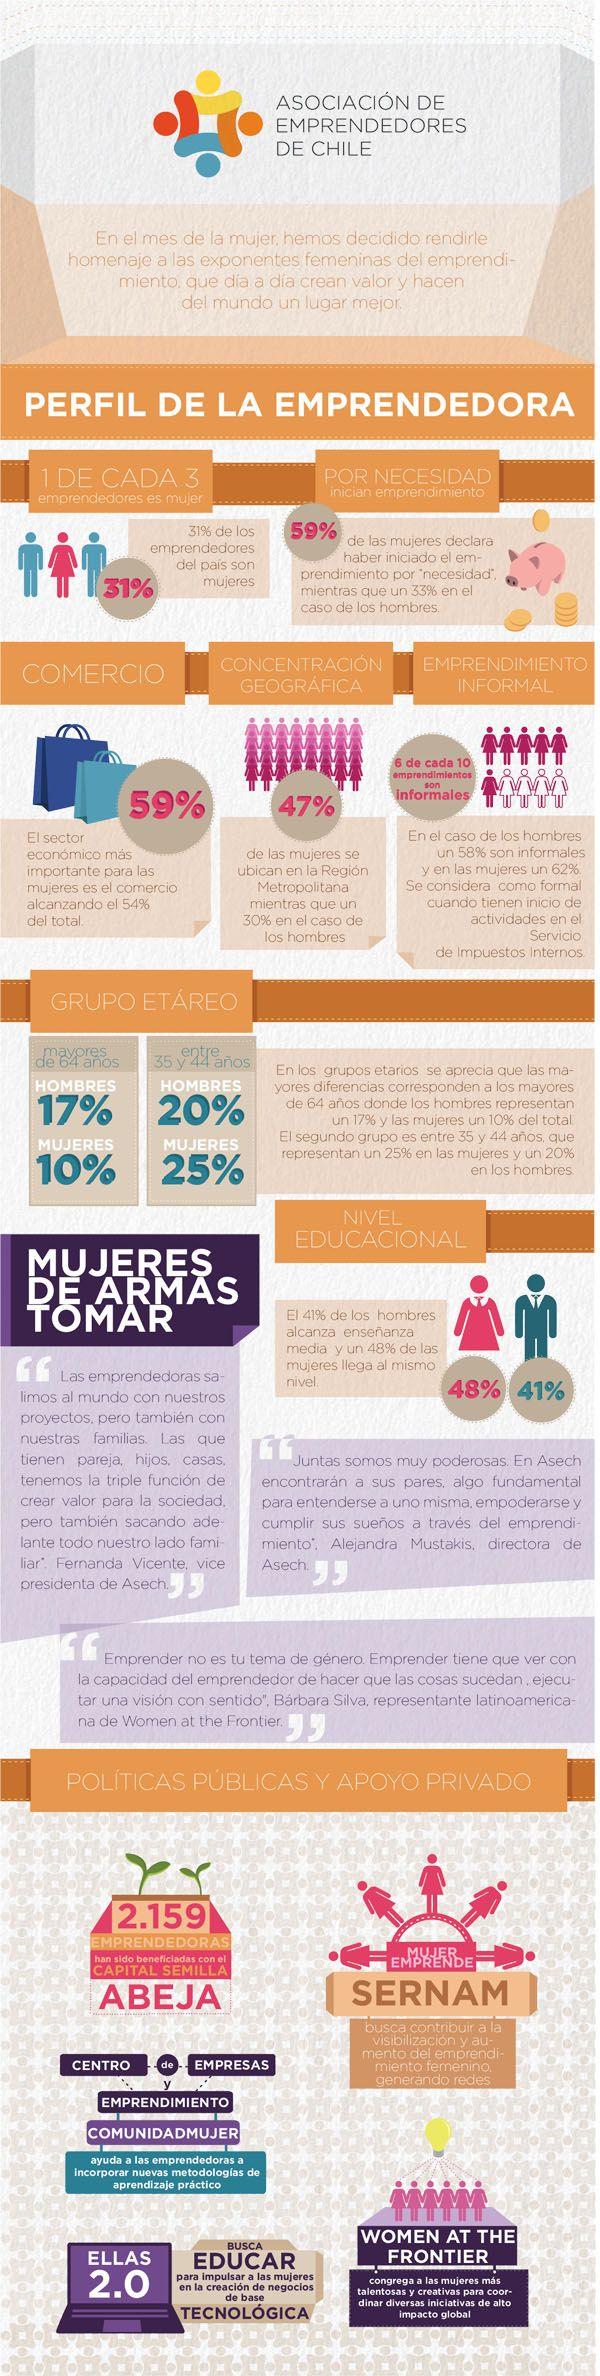 CHILE: análisis del emprendimiento femenino en nuestro país. ASECH